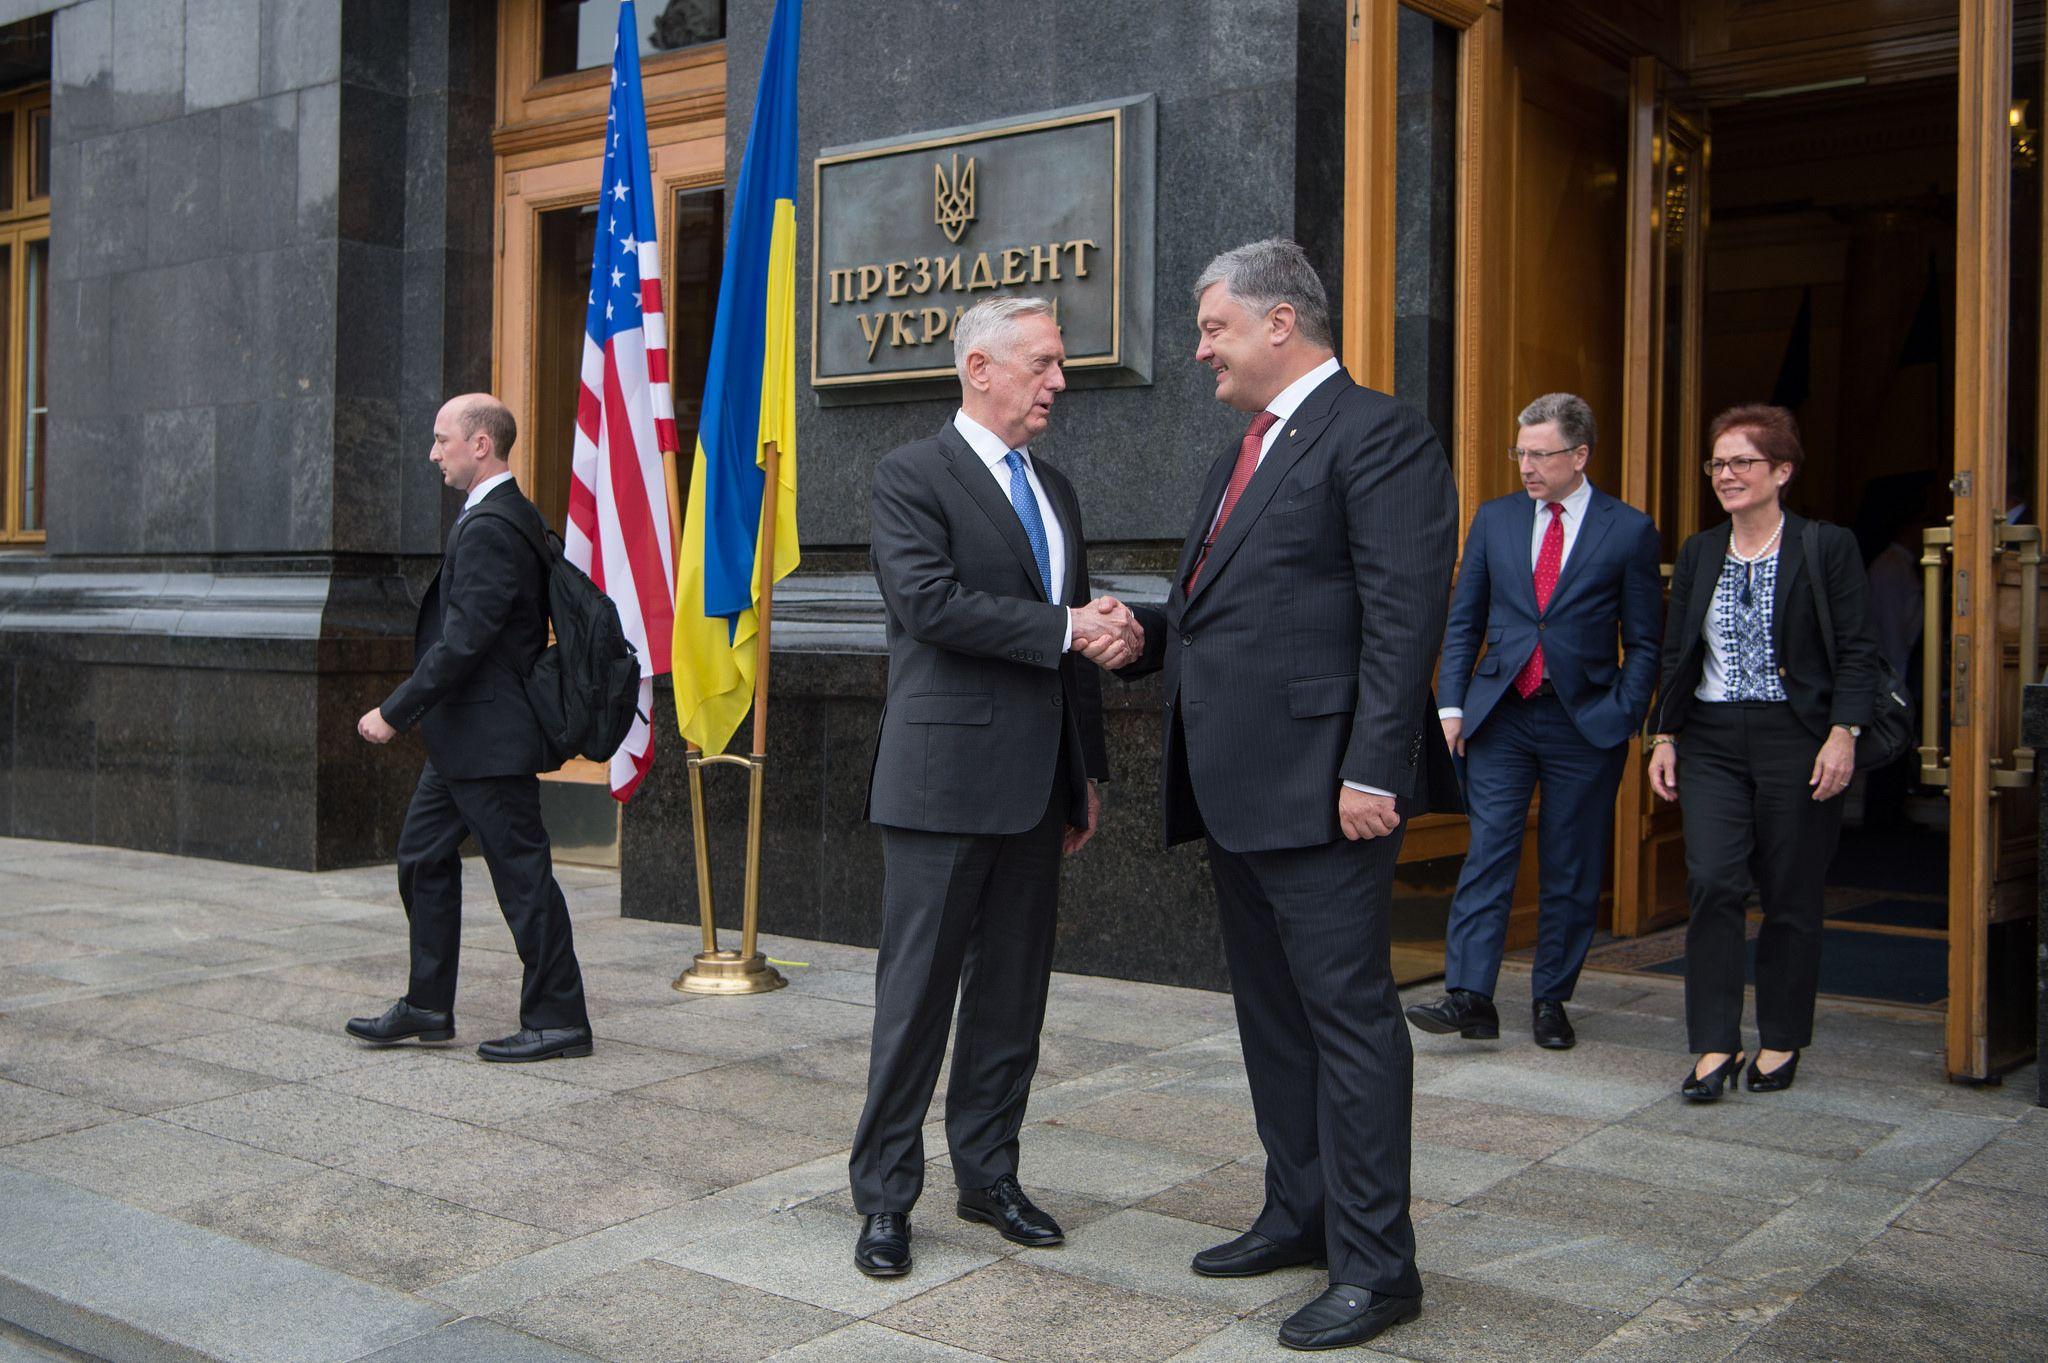 Министр обороны США Джеймс Мэттис жмет руку Петру Порошенко